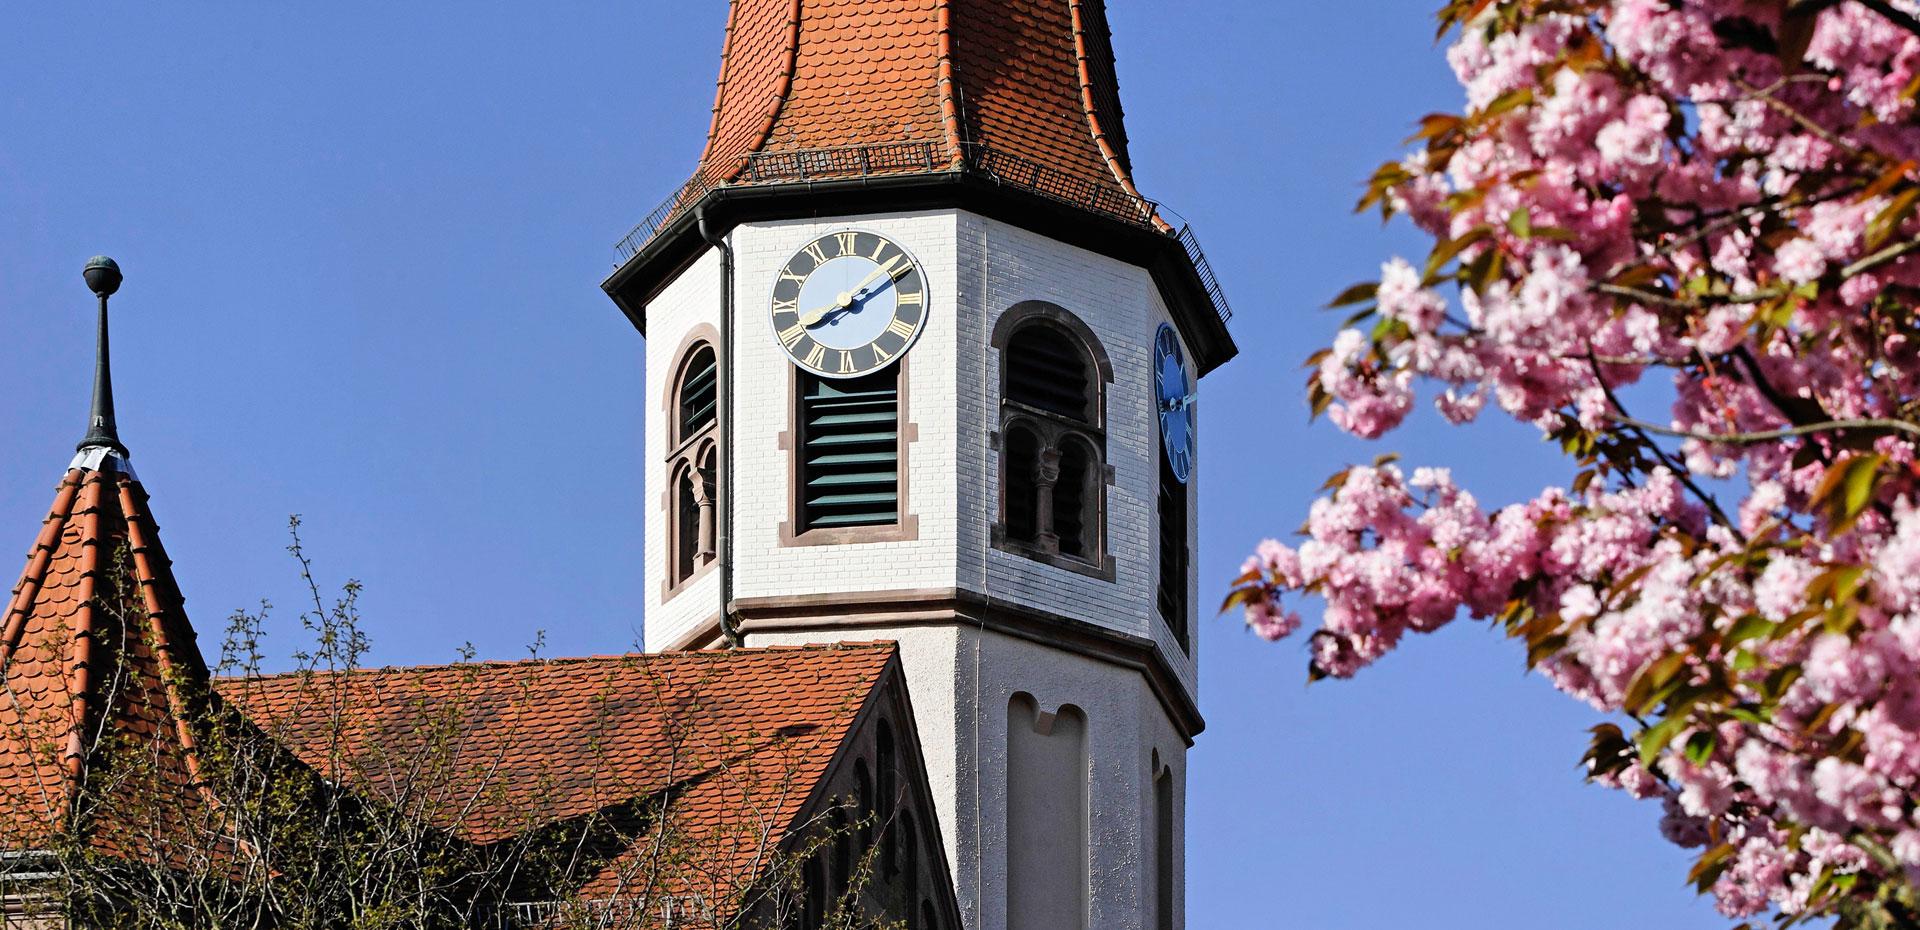 Kirchturm und rosa Apfelbaumblüten